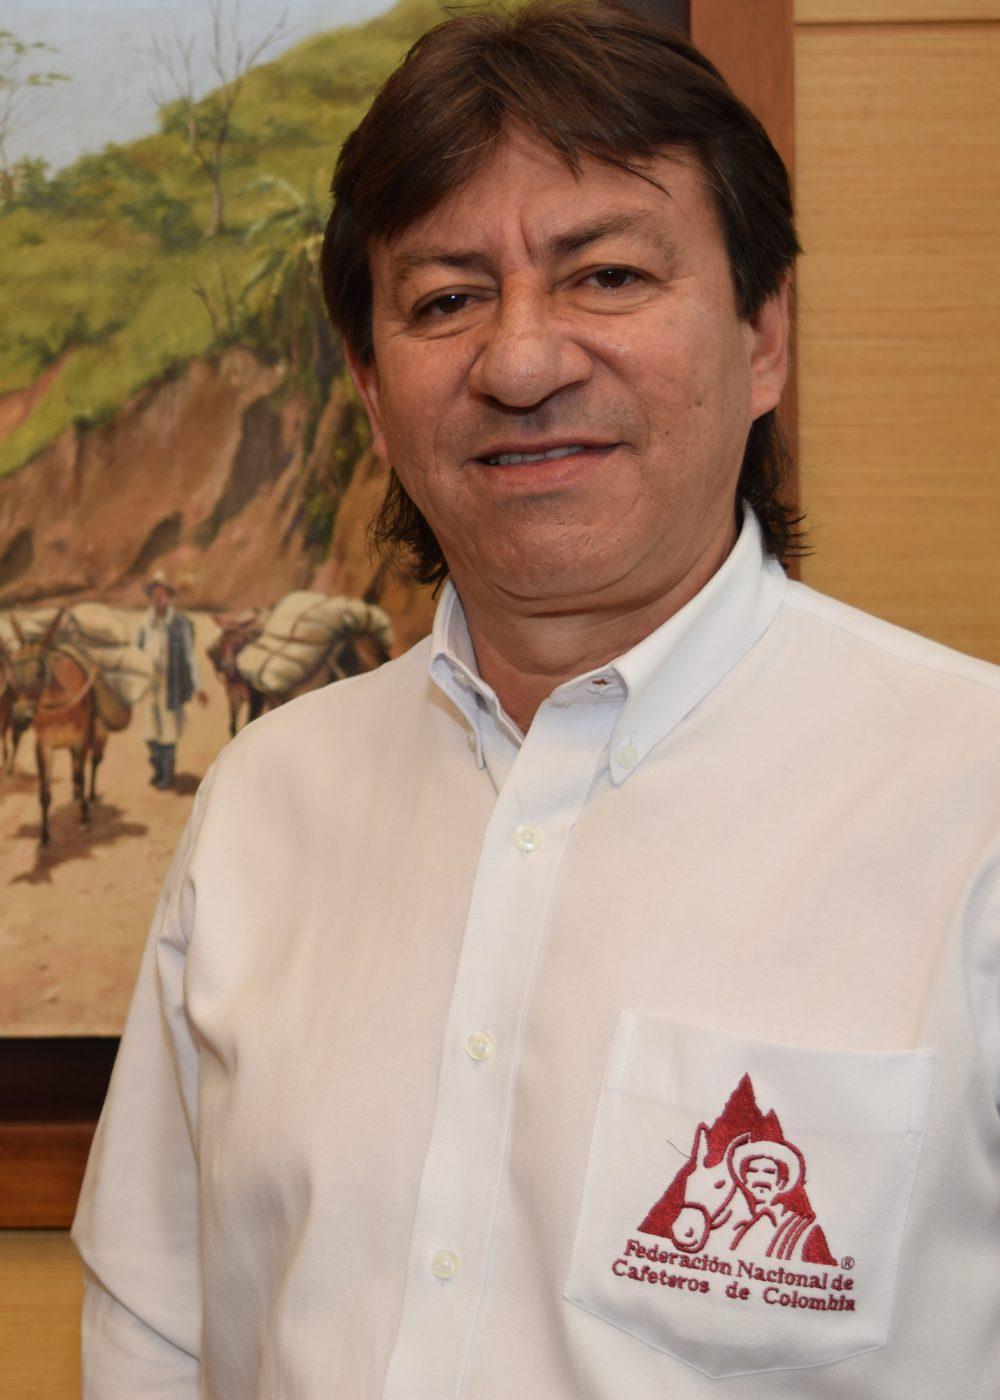 Jaime-Eduardo-Vargas-Suarez